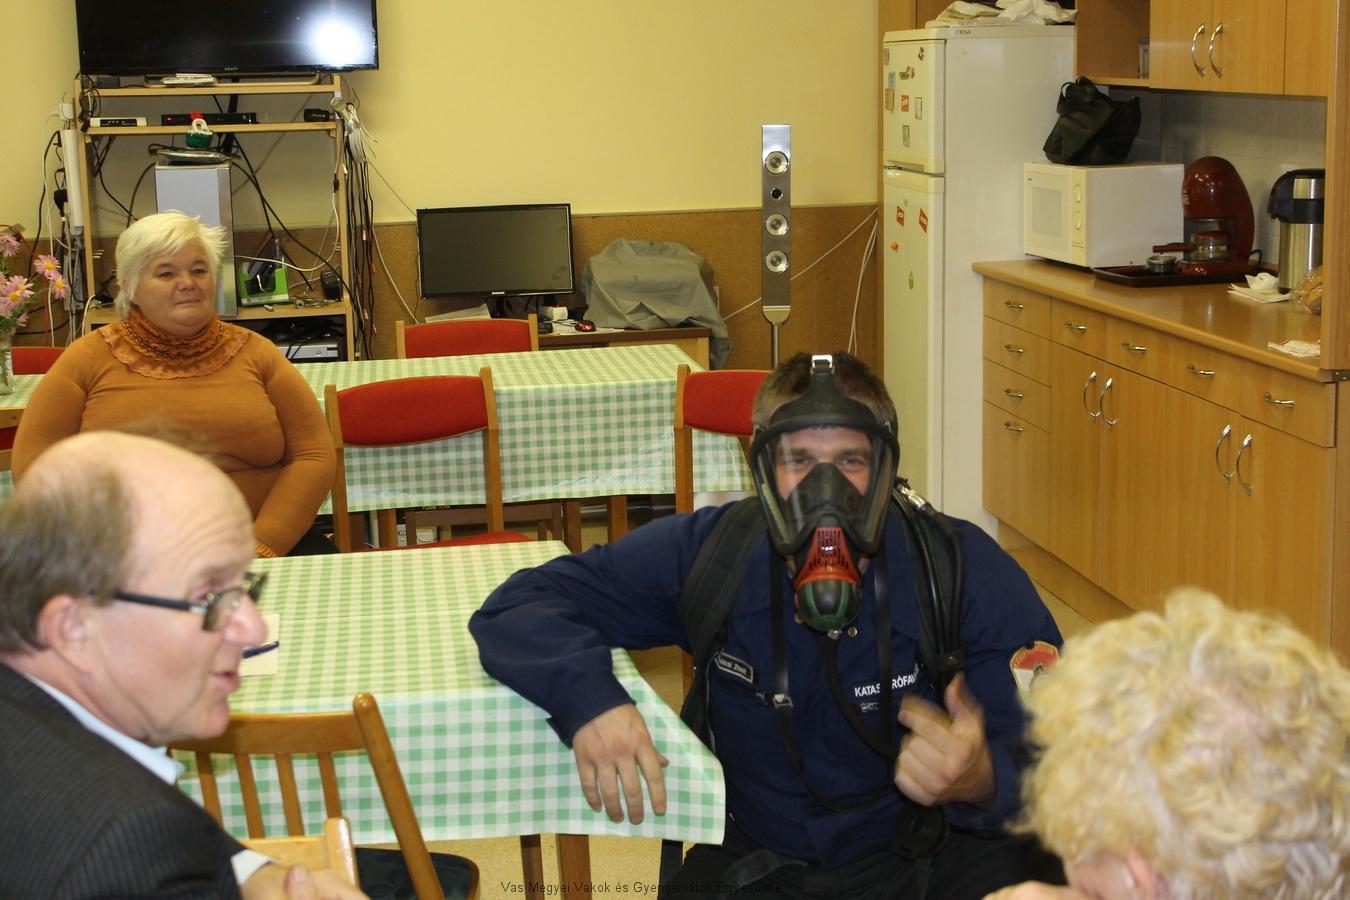 Amikor a maszk rajta van a tűzoltón, egészen más, rémisztő a hangja.